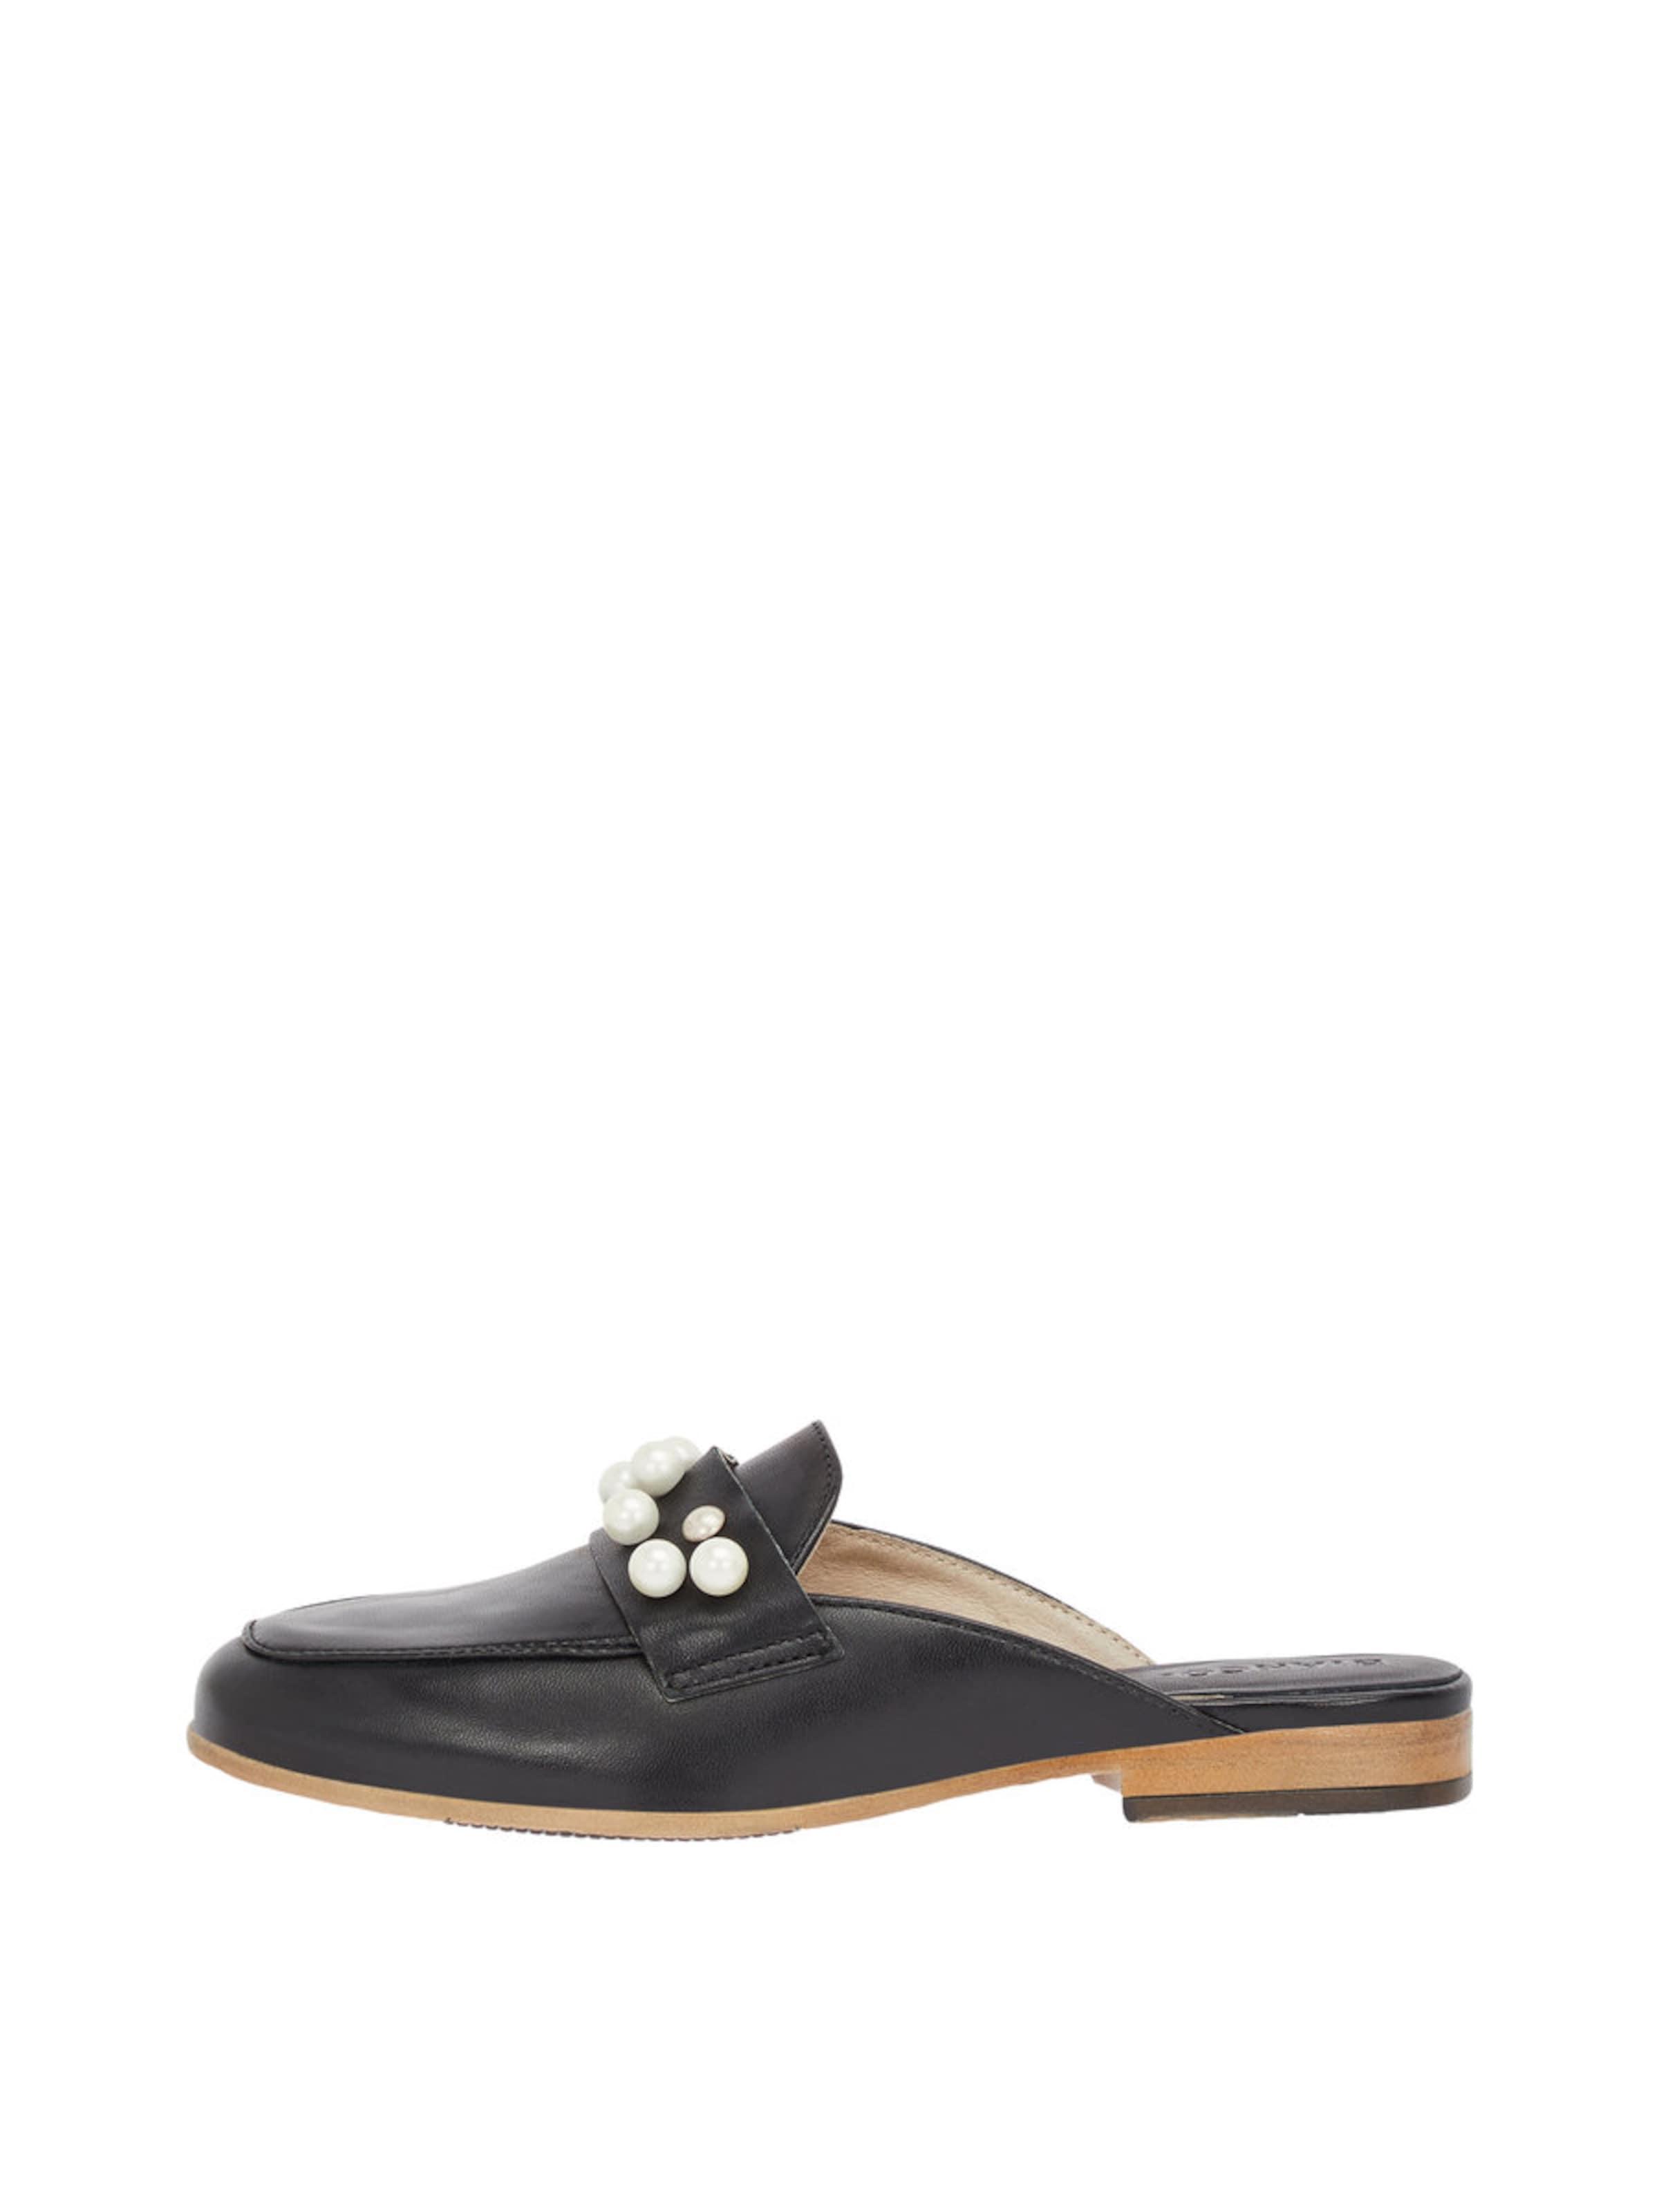 Bianco Halbschuhe Verschleißfeste billige Schuhe Hohe Qualität